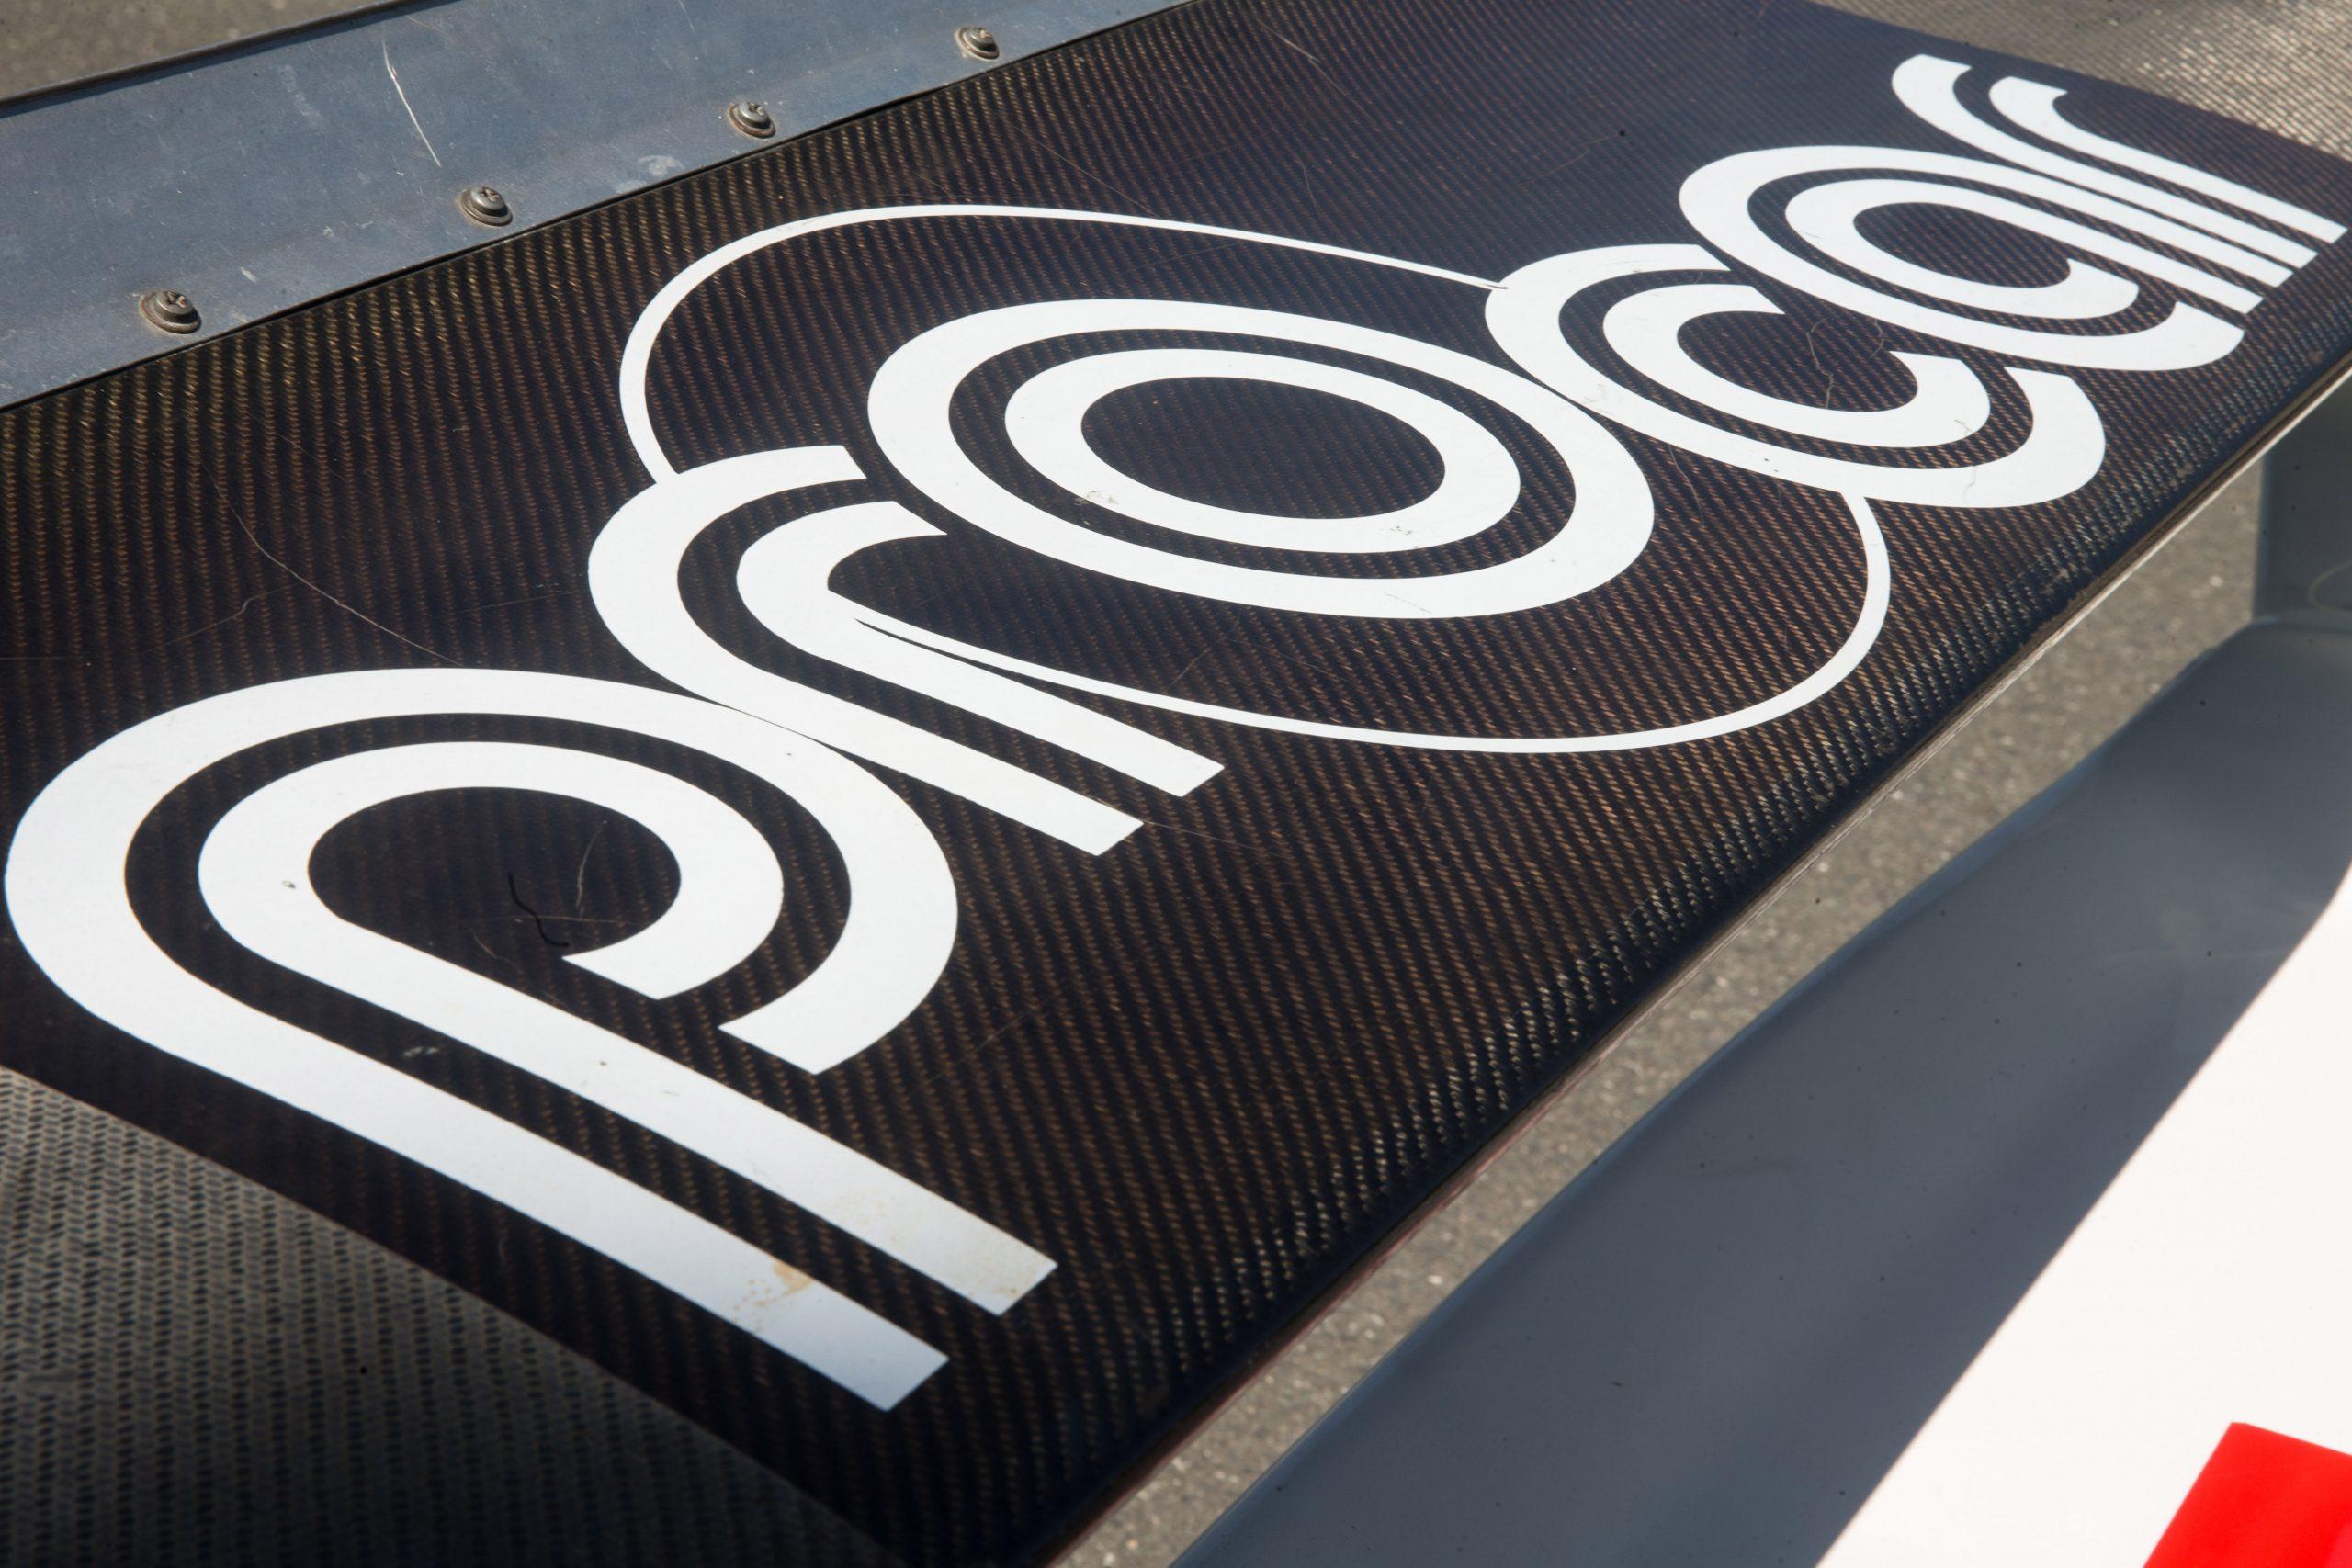 procar carbon fiber spoiler rear m1